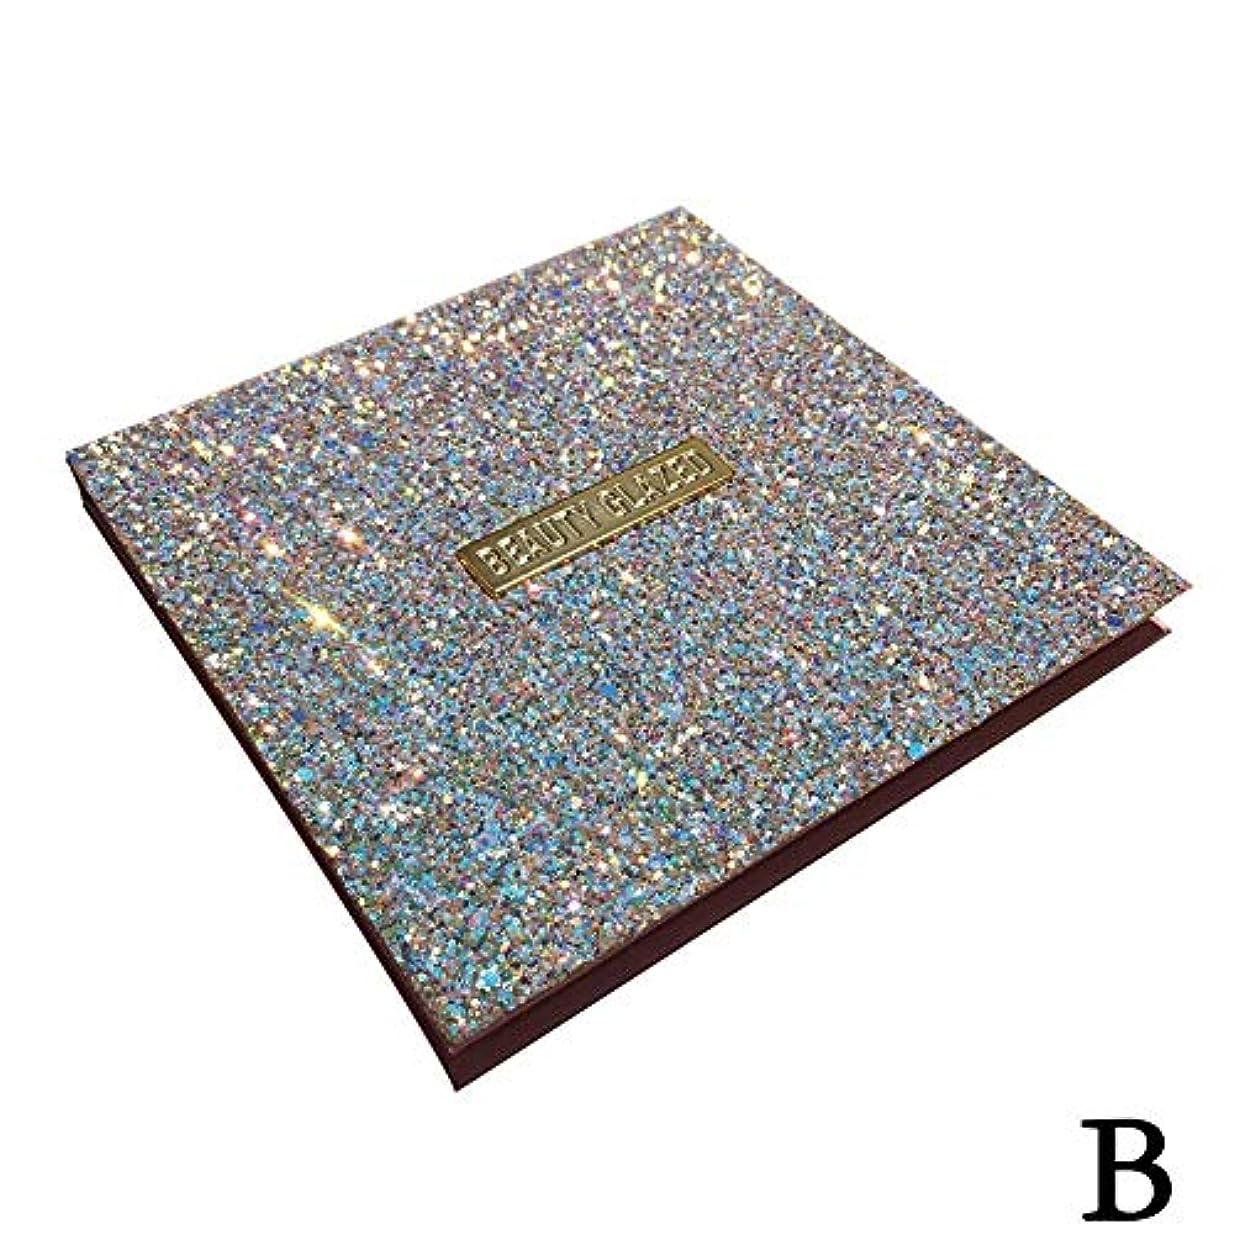 緩める喜び通信網(ゴールデン ドリーミング)Golden Dreaming beauty glazed 無光沢の真珠16色のアイシャドウ (B 2#)